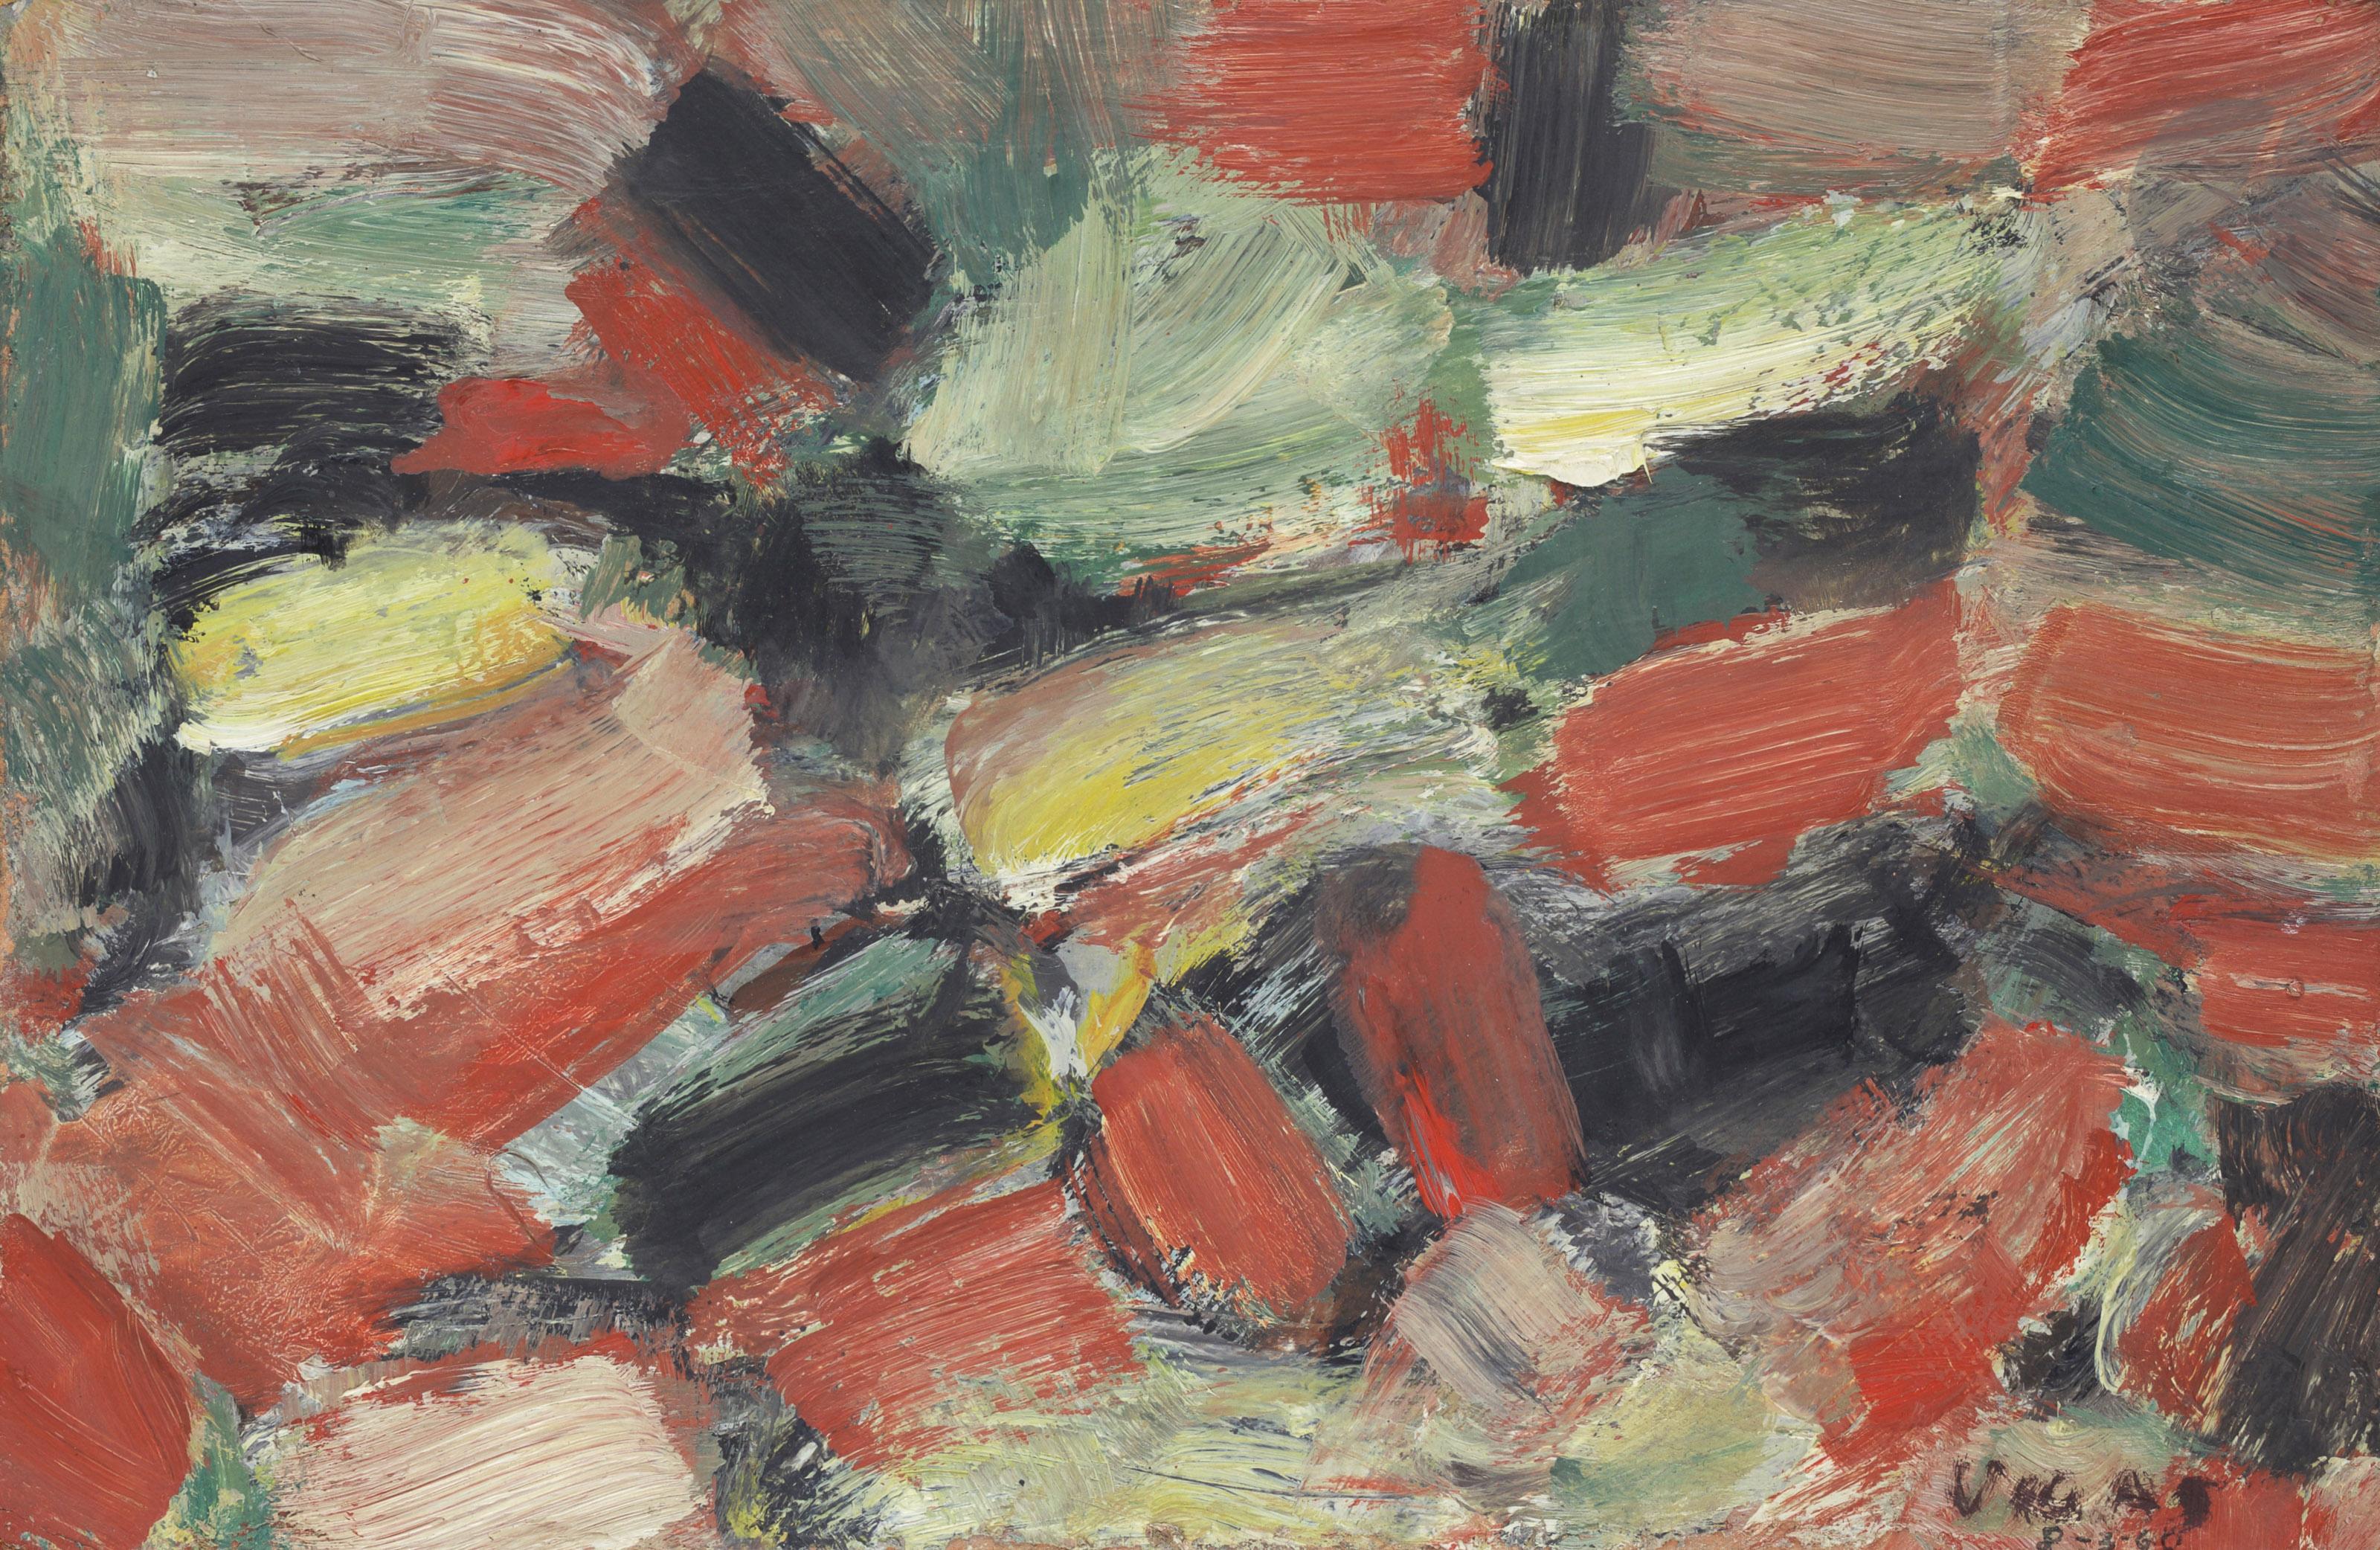 Lot 32 - Oswaldo VIGAS [vénézuélien] (1923-2014)Composition, 1960Huile sur carton.Signée et datée en bas à